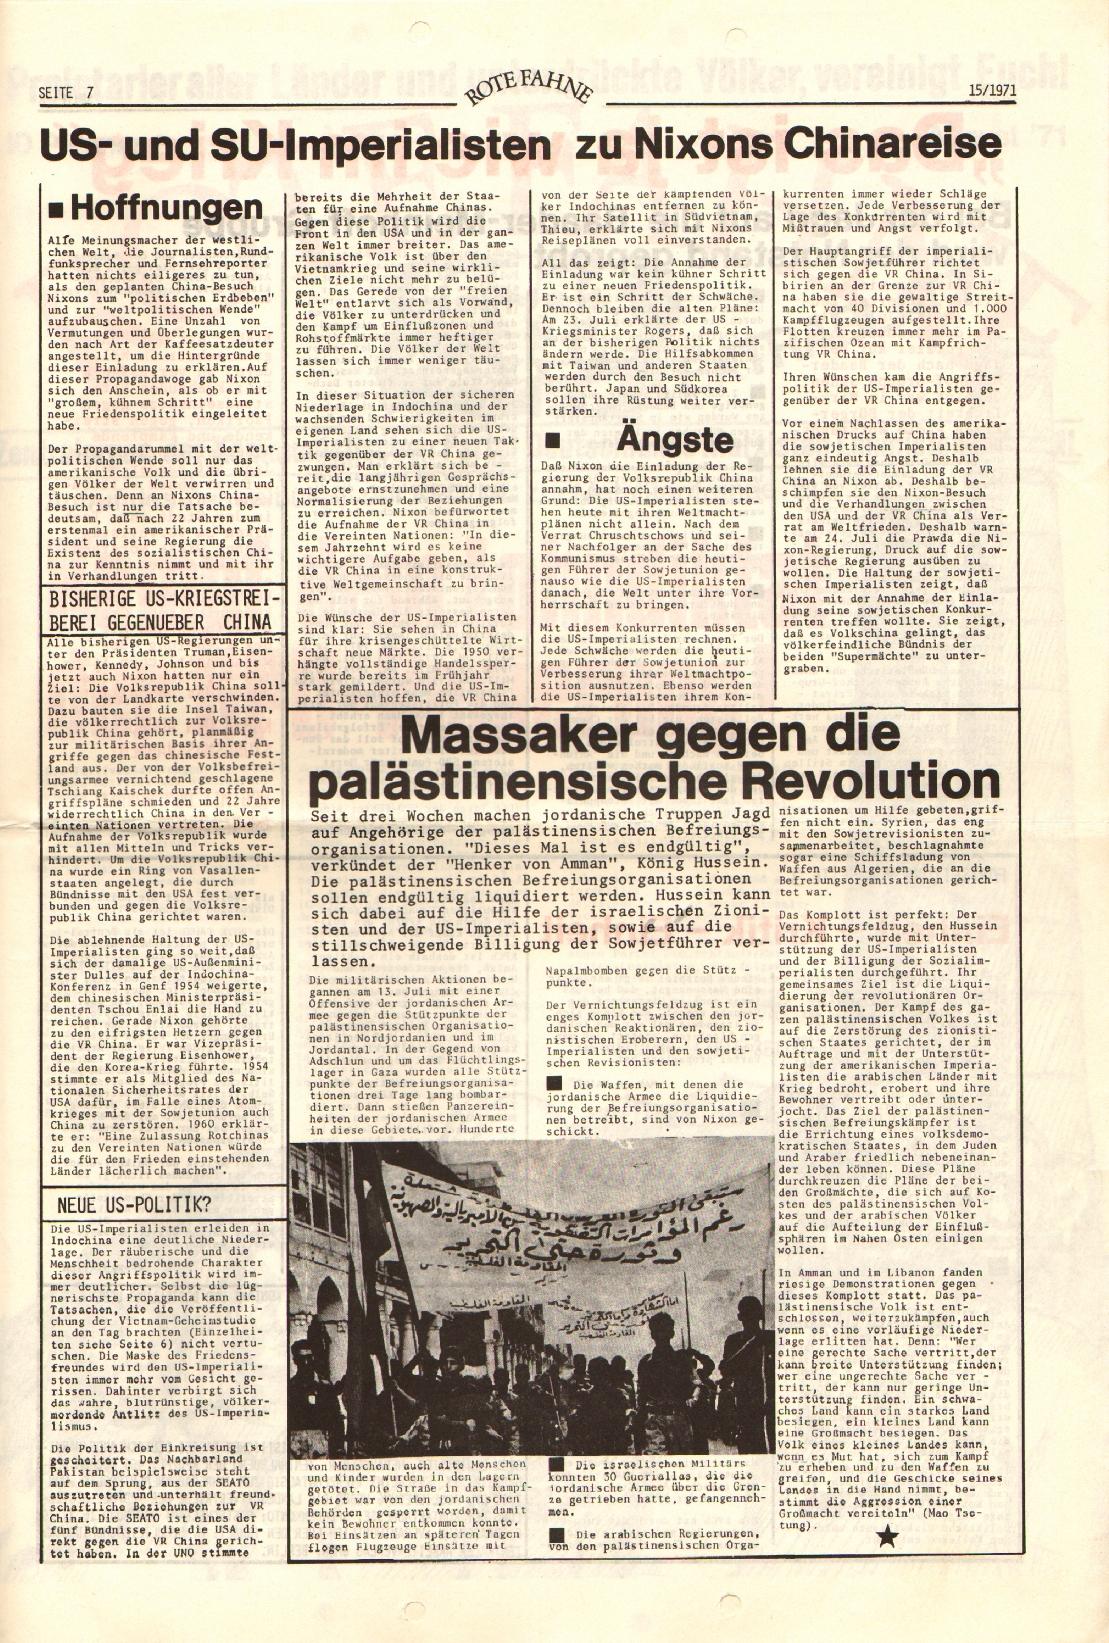 Rote Fahne, 2. Jg., 2.8.1971, Nr. 15, Seite 7